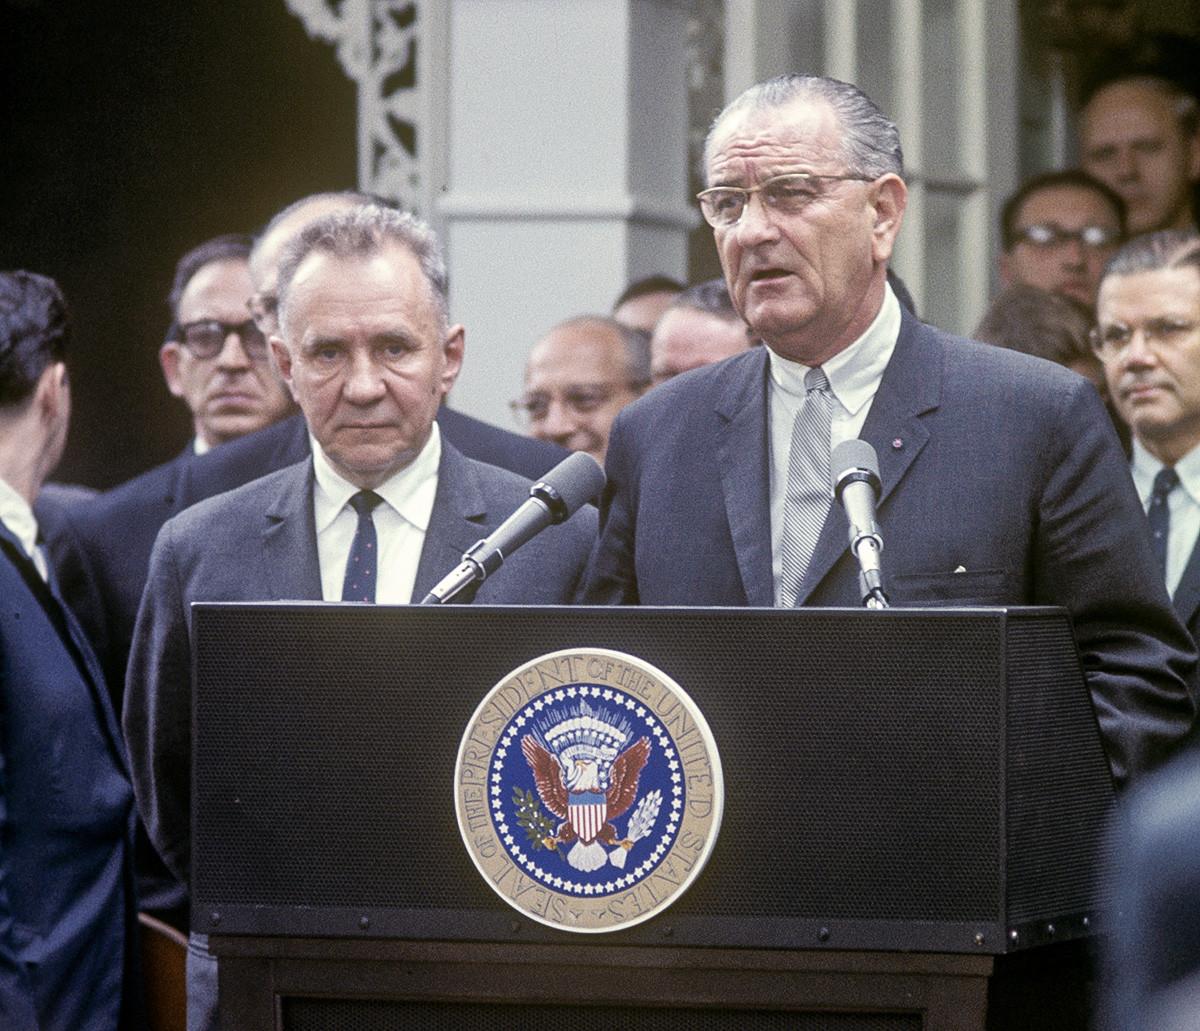 Alexei Kosiguin y Lyndon Johnson hablando en el podio de la Cumbre de Glassboro, Glassboro, junio de 1967